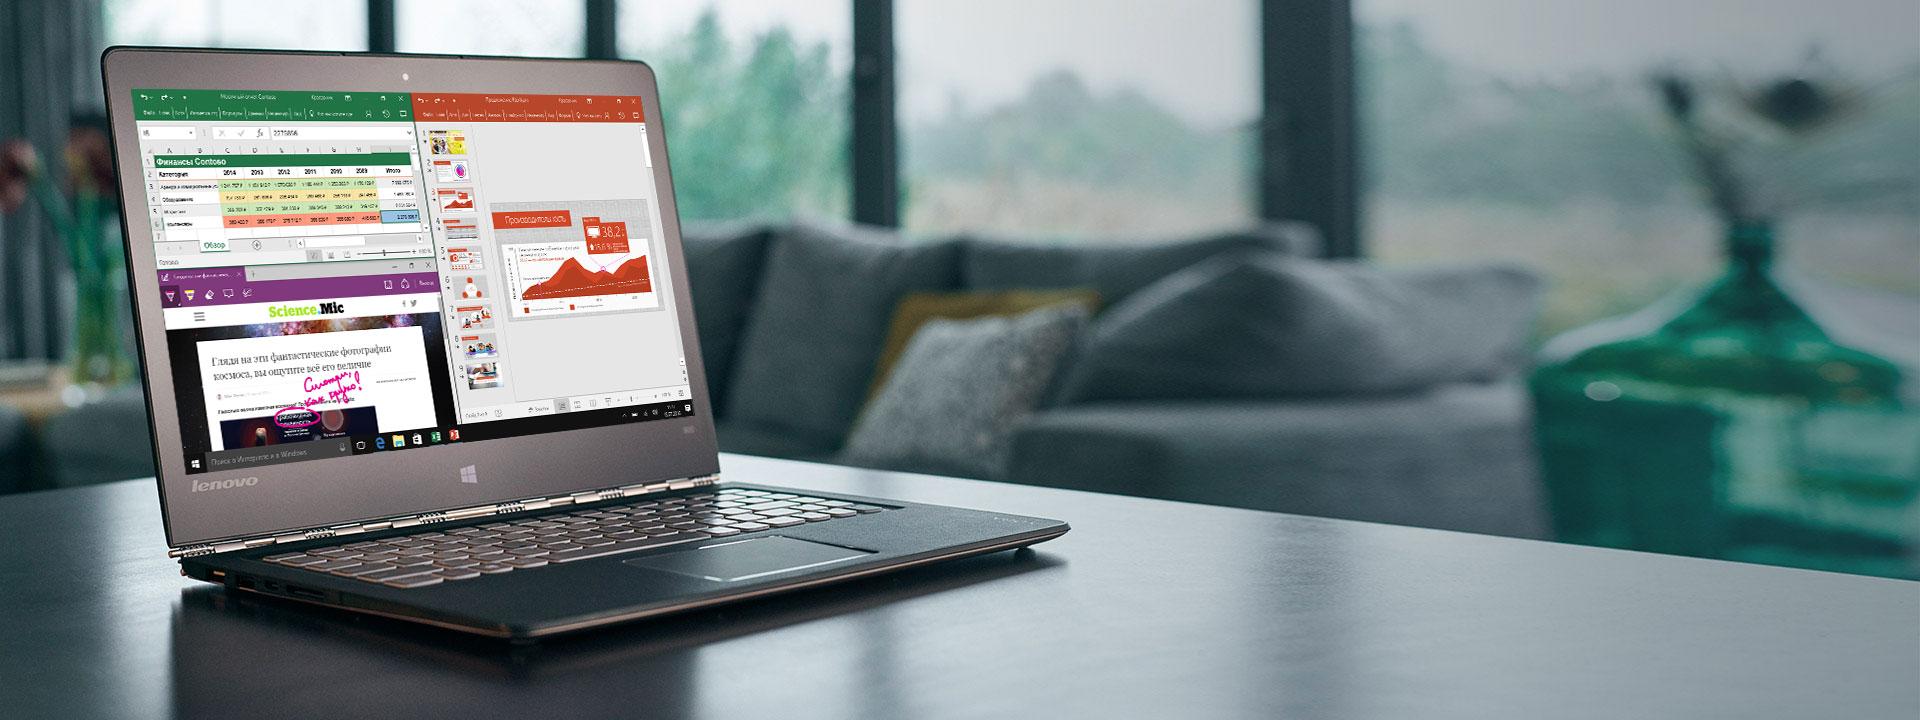 Lenovo Yoga 900 с начальным экраном Windows 10